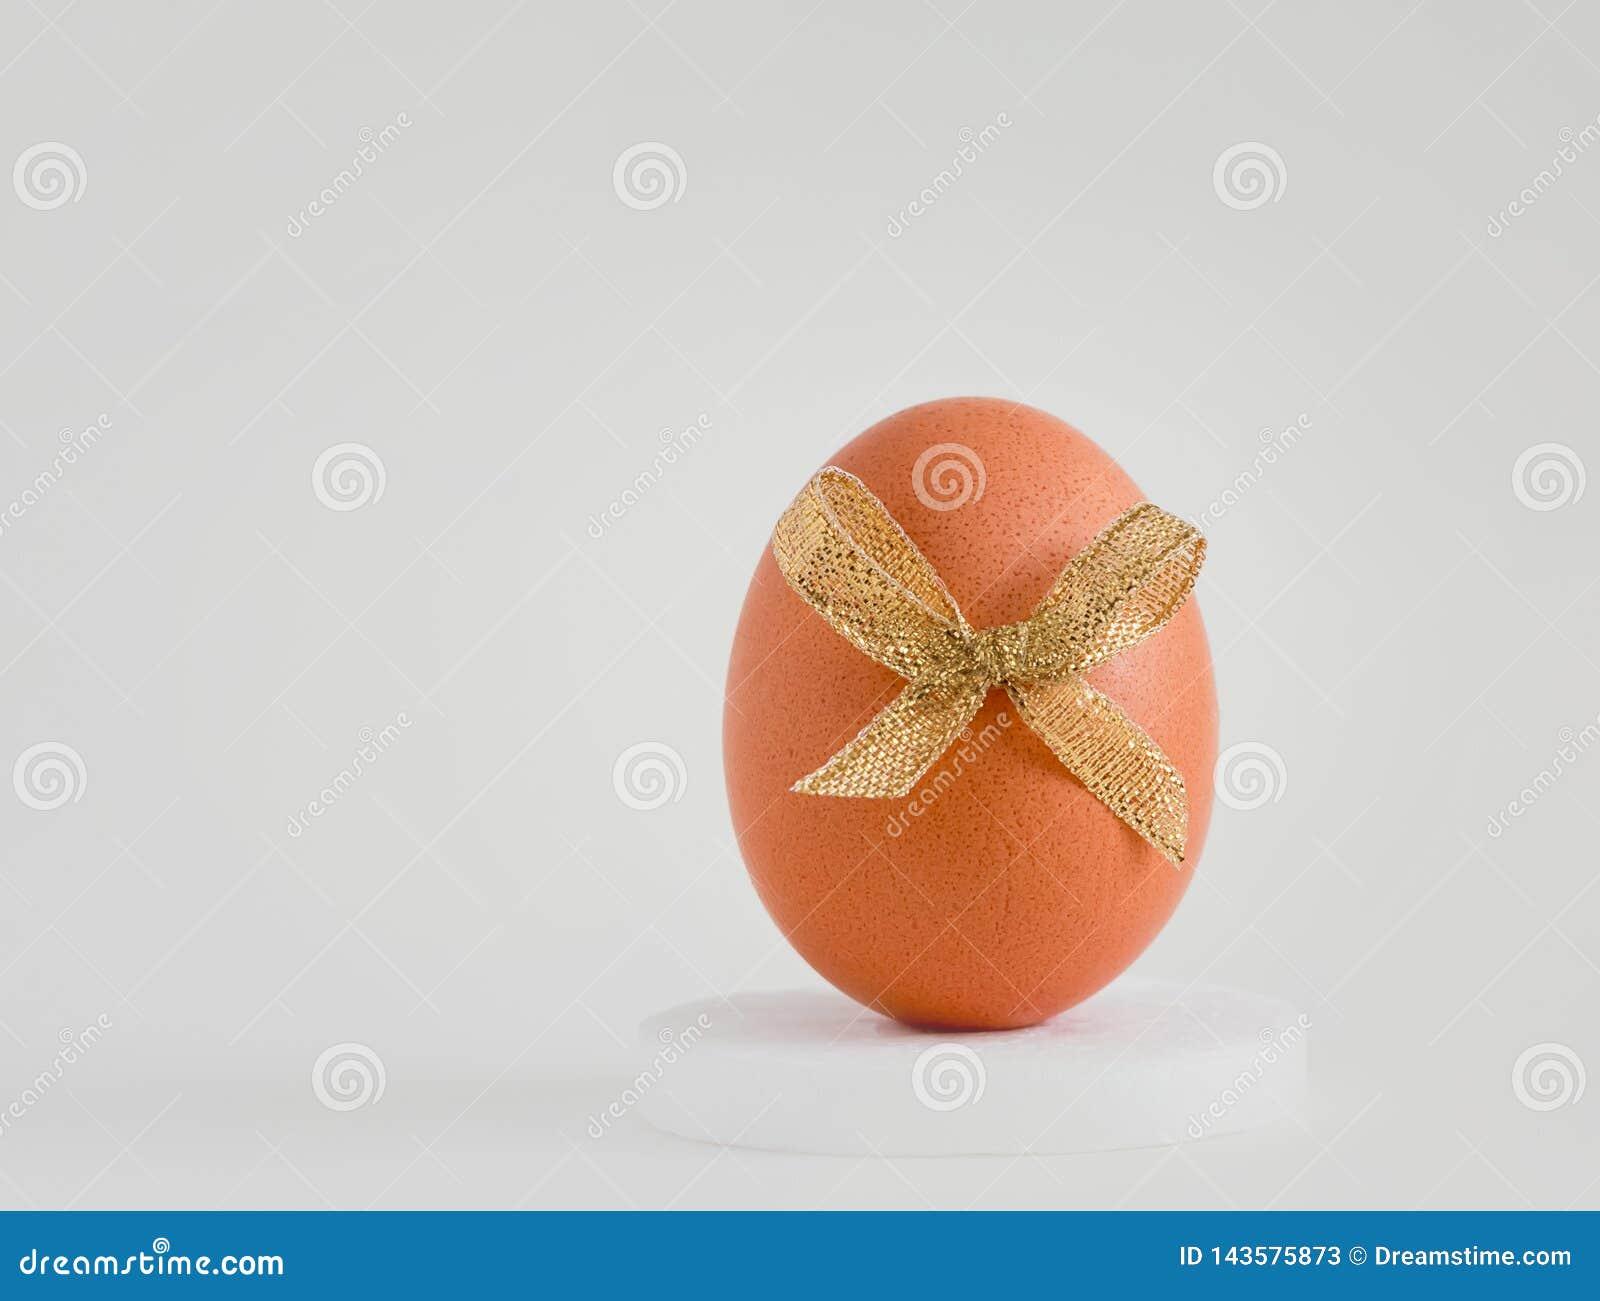 Ei met een decor op een witte achtergrond